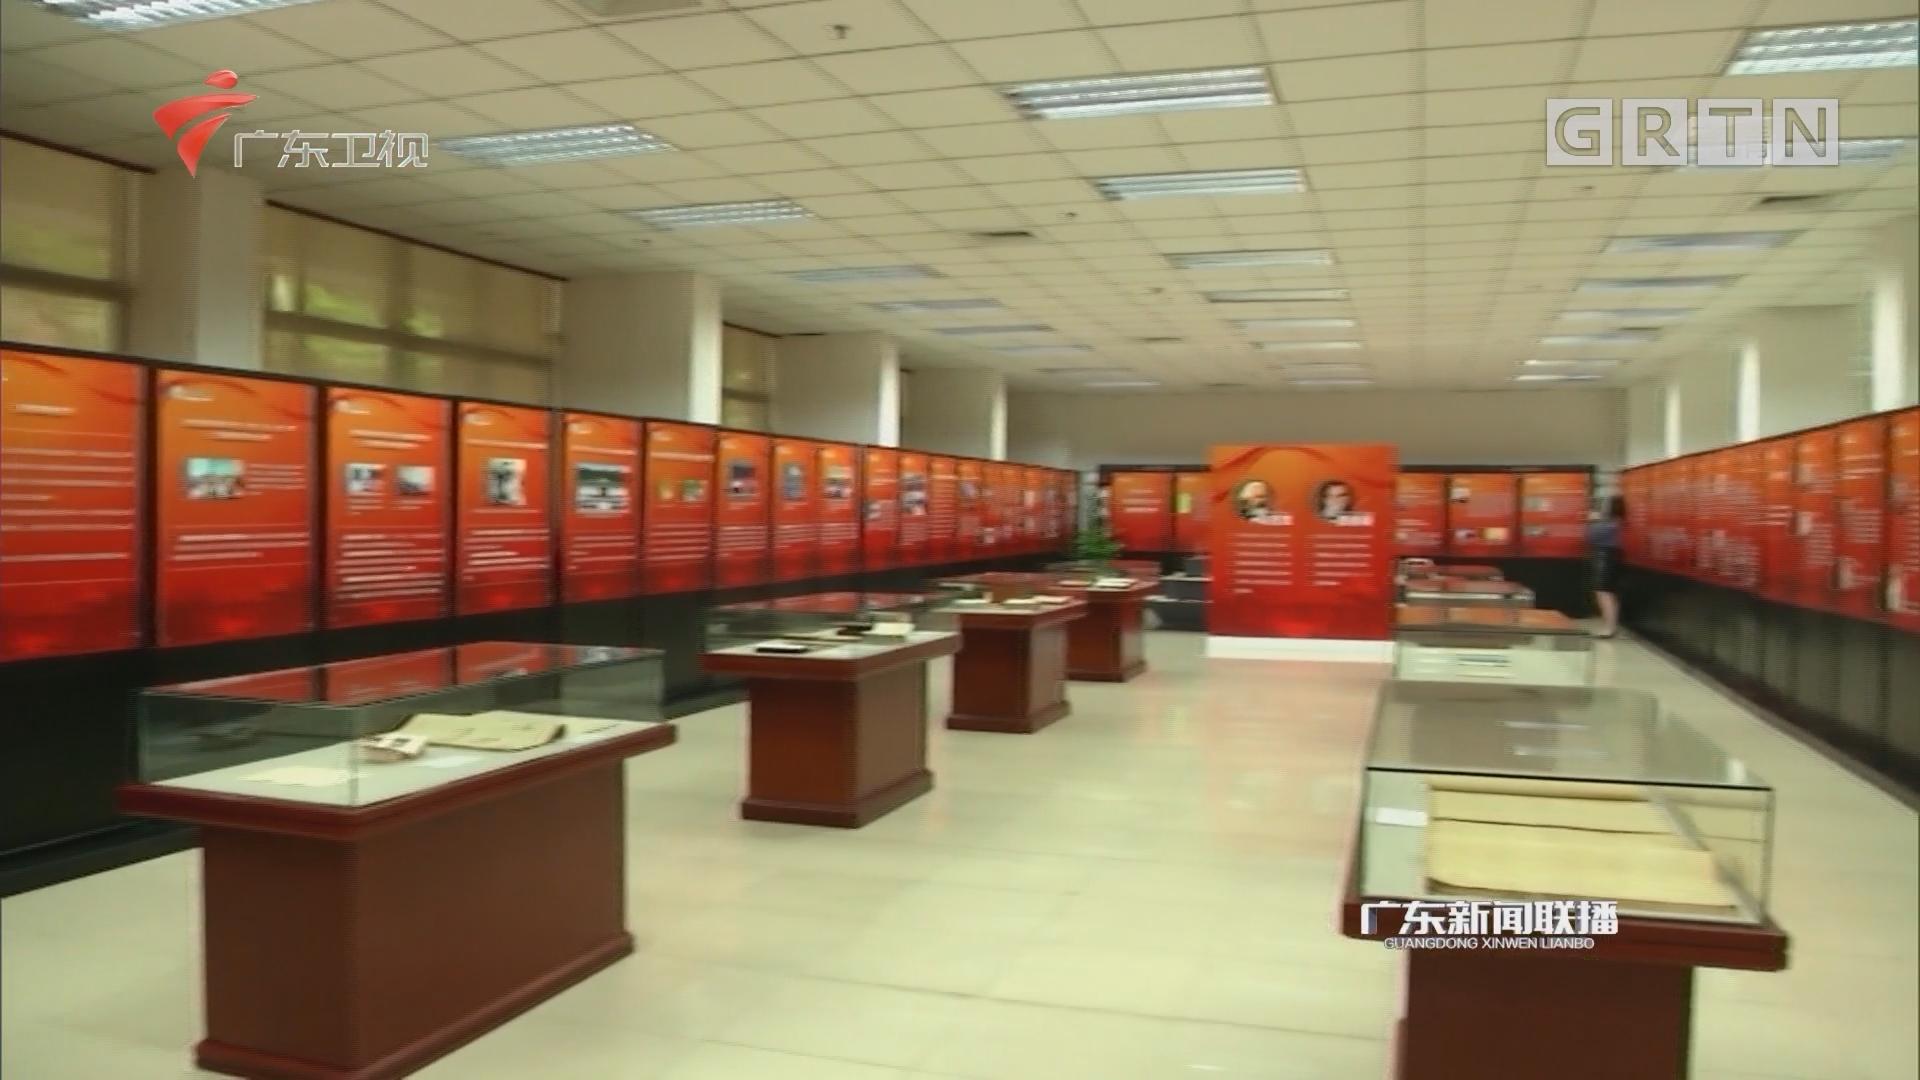 中山大学举办马克思诞辰200周年专题展